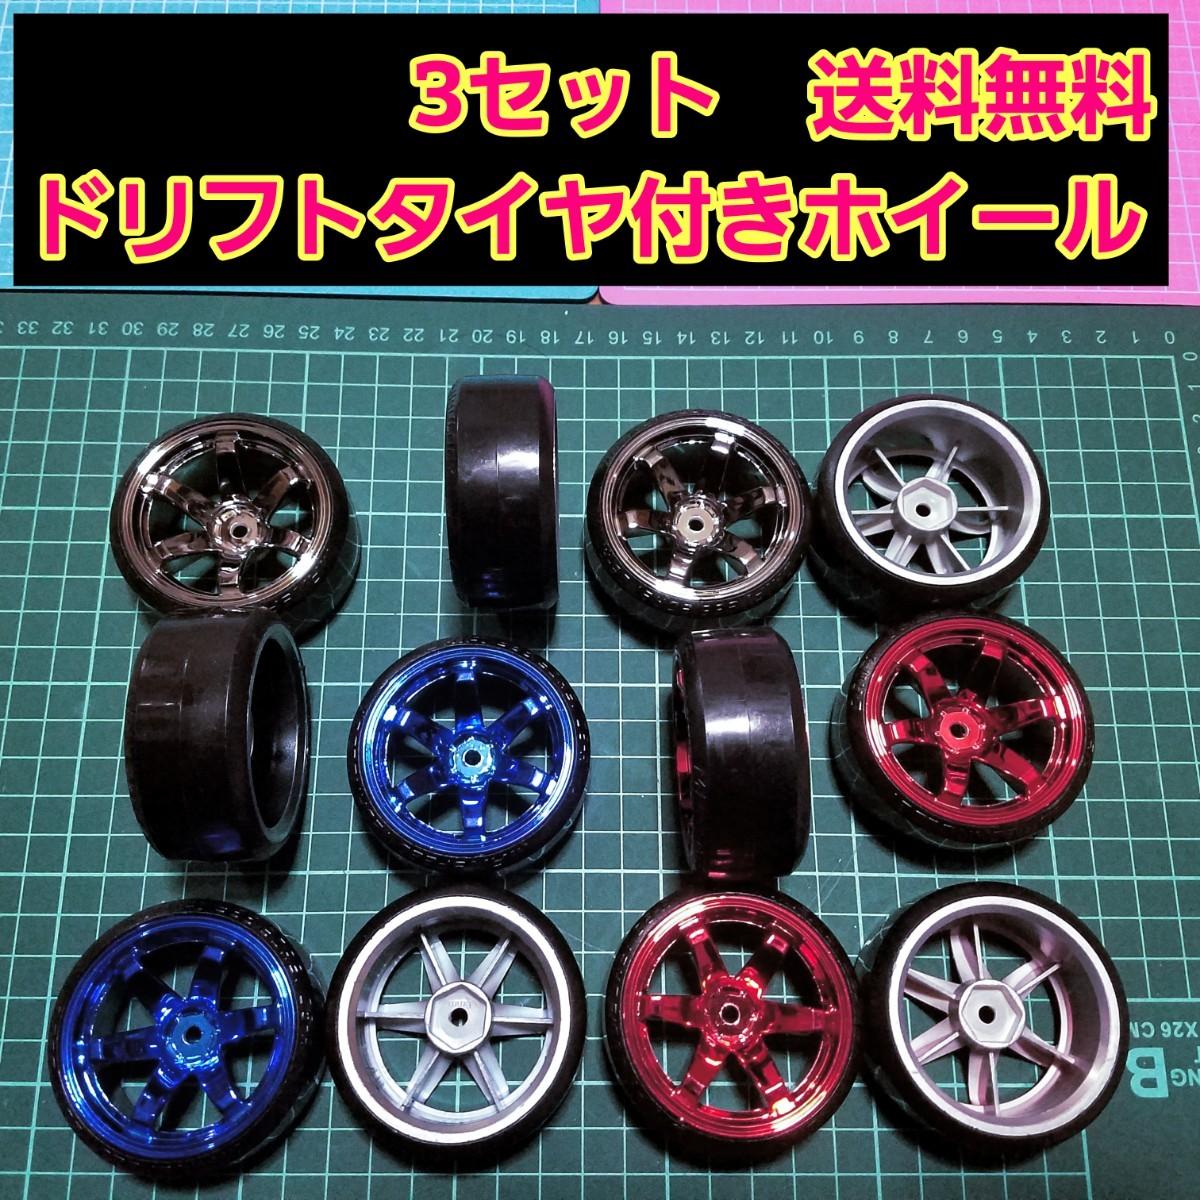 ドリフト タイヤ ホイール 3台分 ①  ラジコン YD-2 ドリパケ TT01